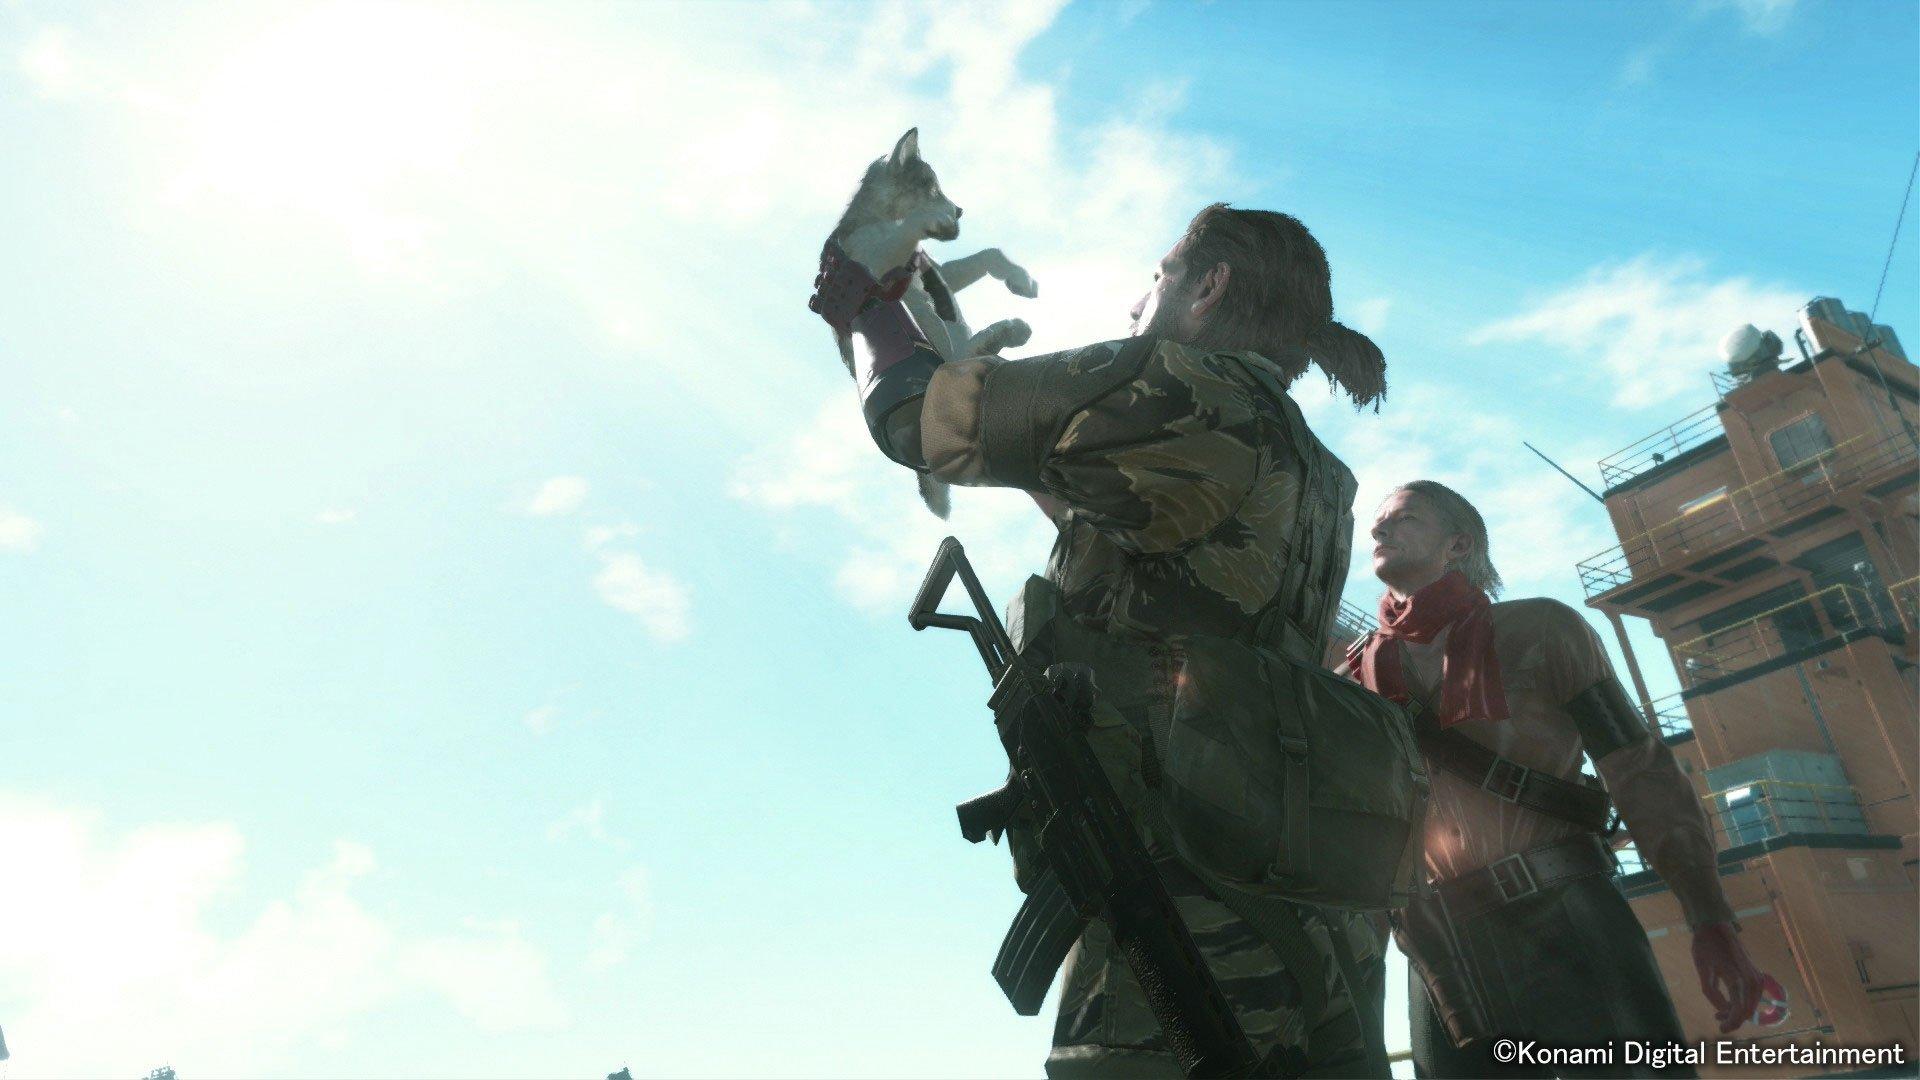 Как я вижу те или иные ситуации в Metal Gear Solid: the Phantom Pain ... часть 1 (а вдруг) - Изображение 7